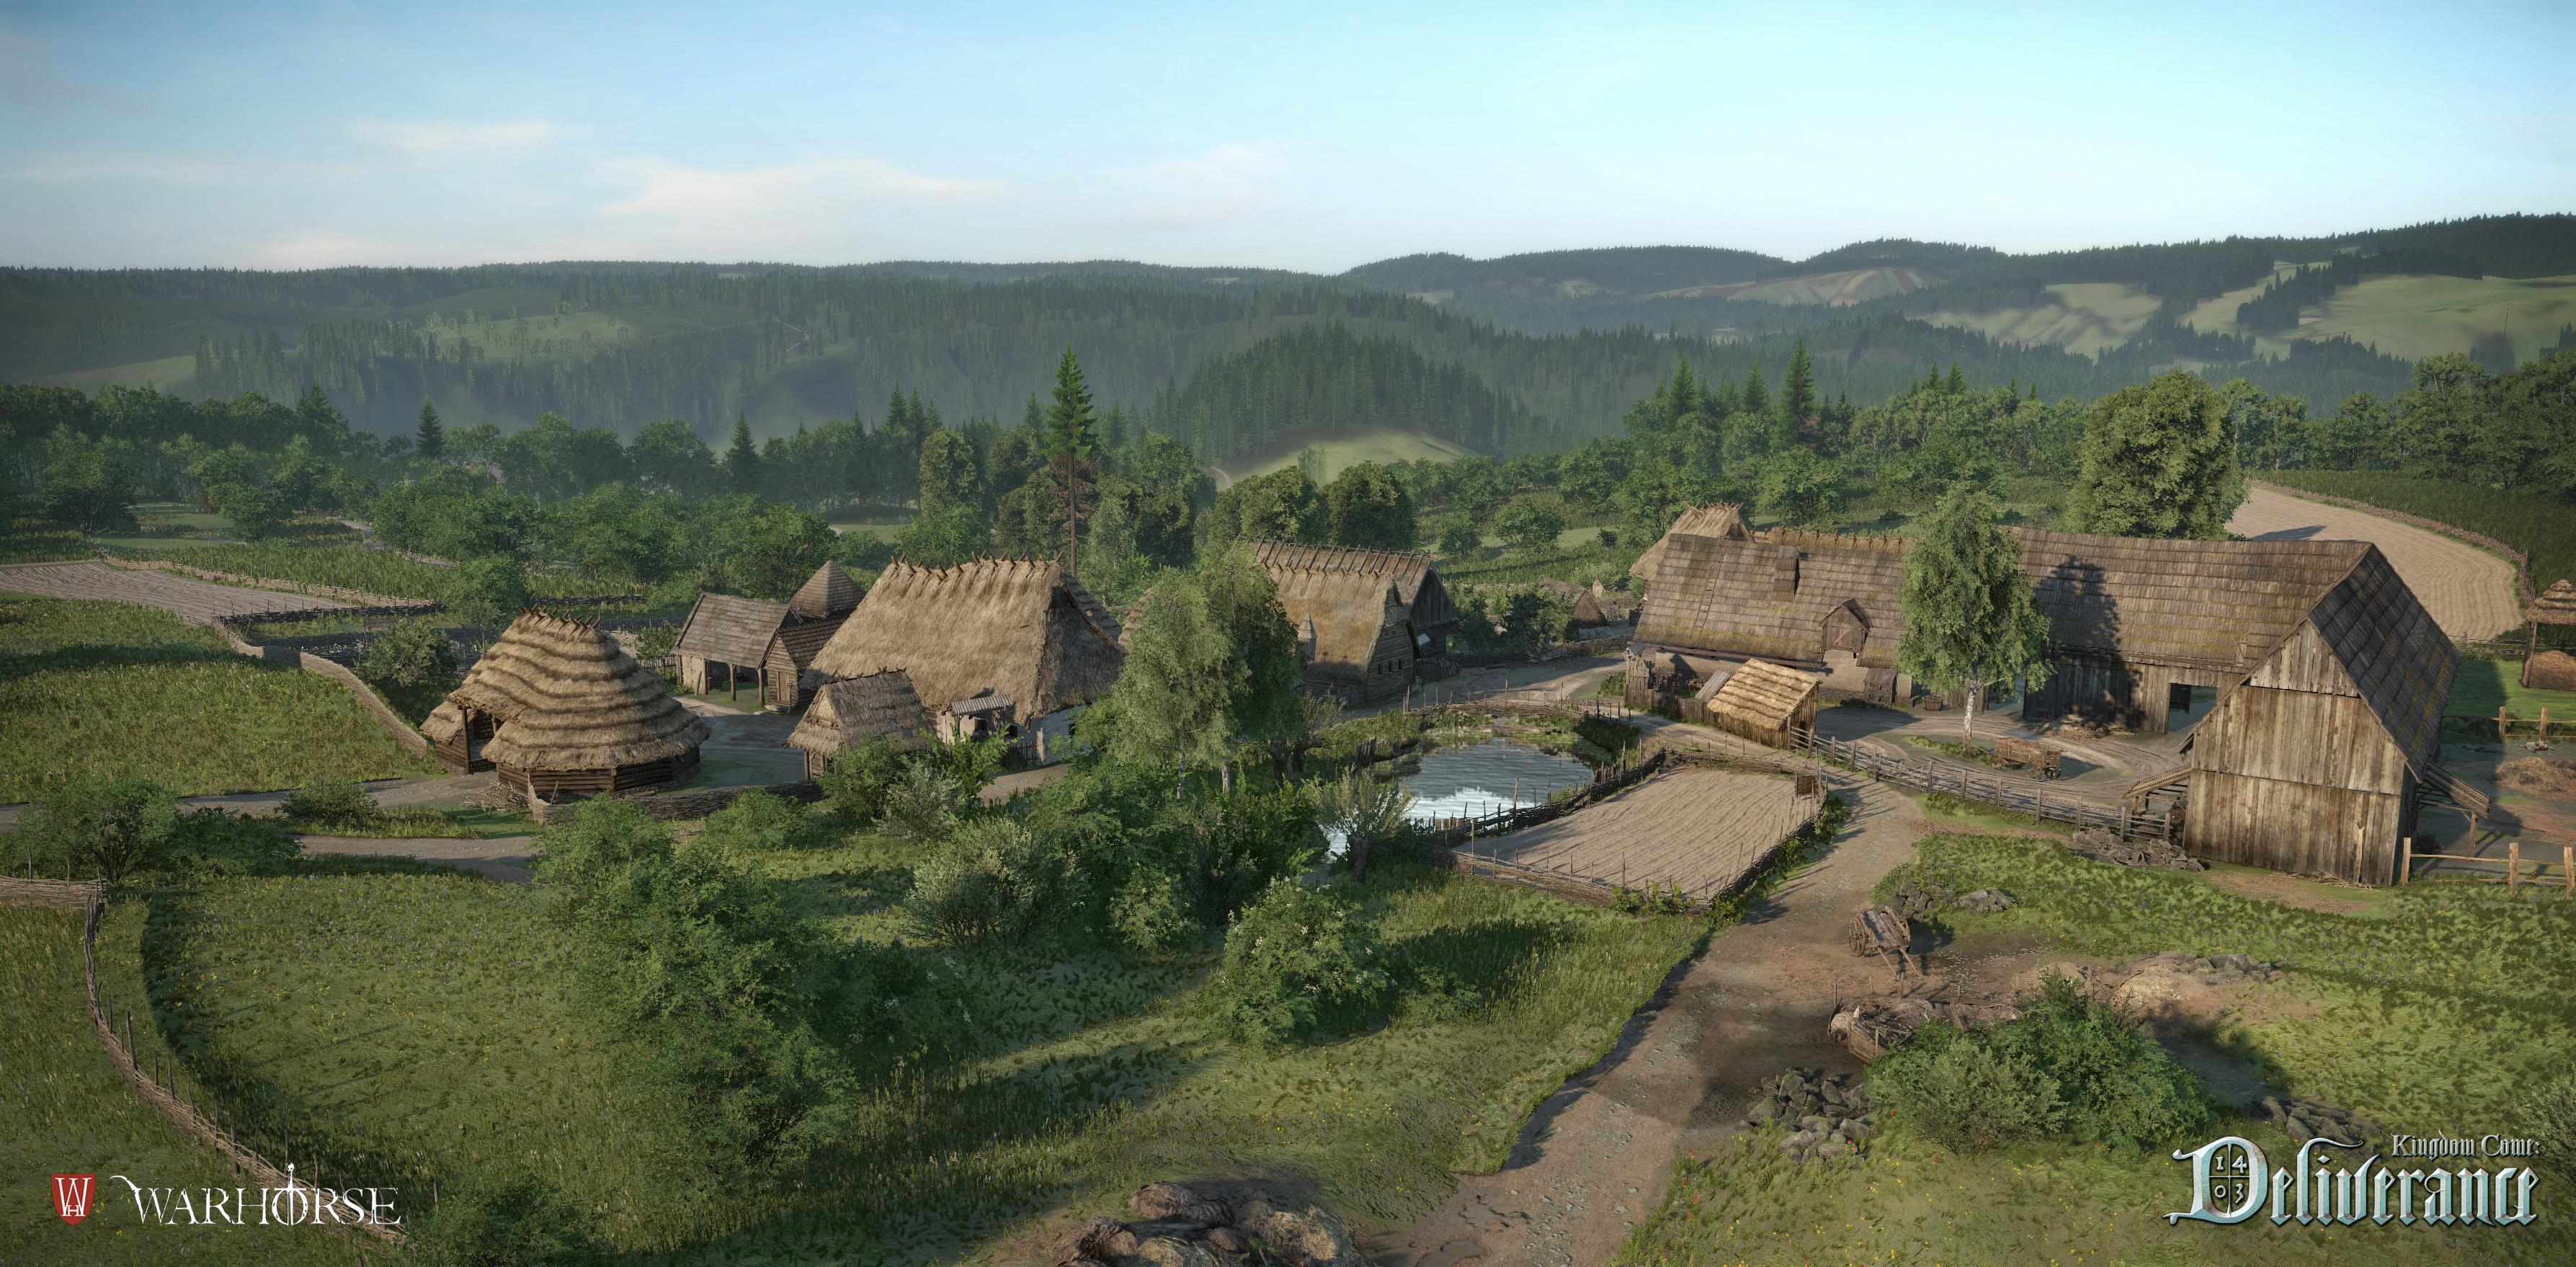 Obrazem: Les, lom a vesnice z Kingdom Come: Deliverance 108649